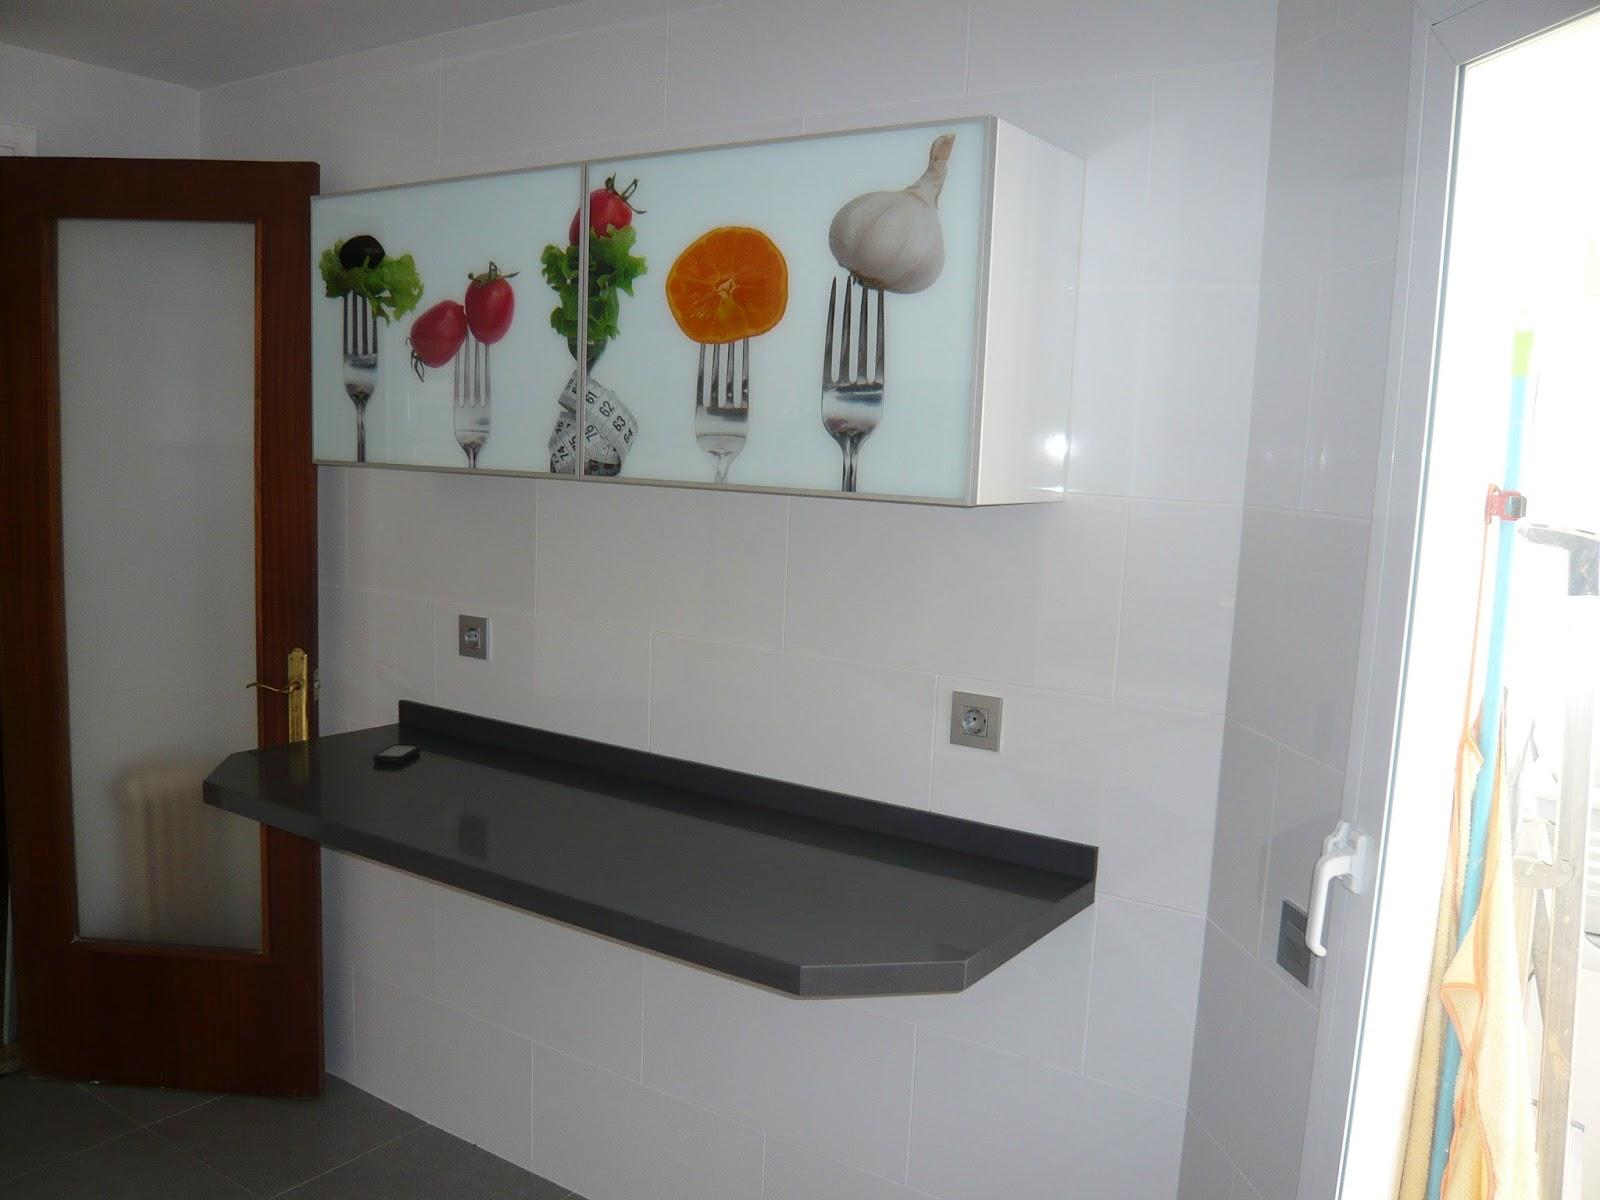 Reuscuina muebles de cocina sin tiradores con vidriera - Mesas auxiliares para cocina ...